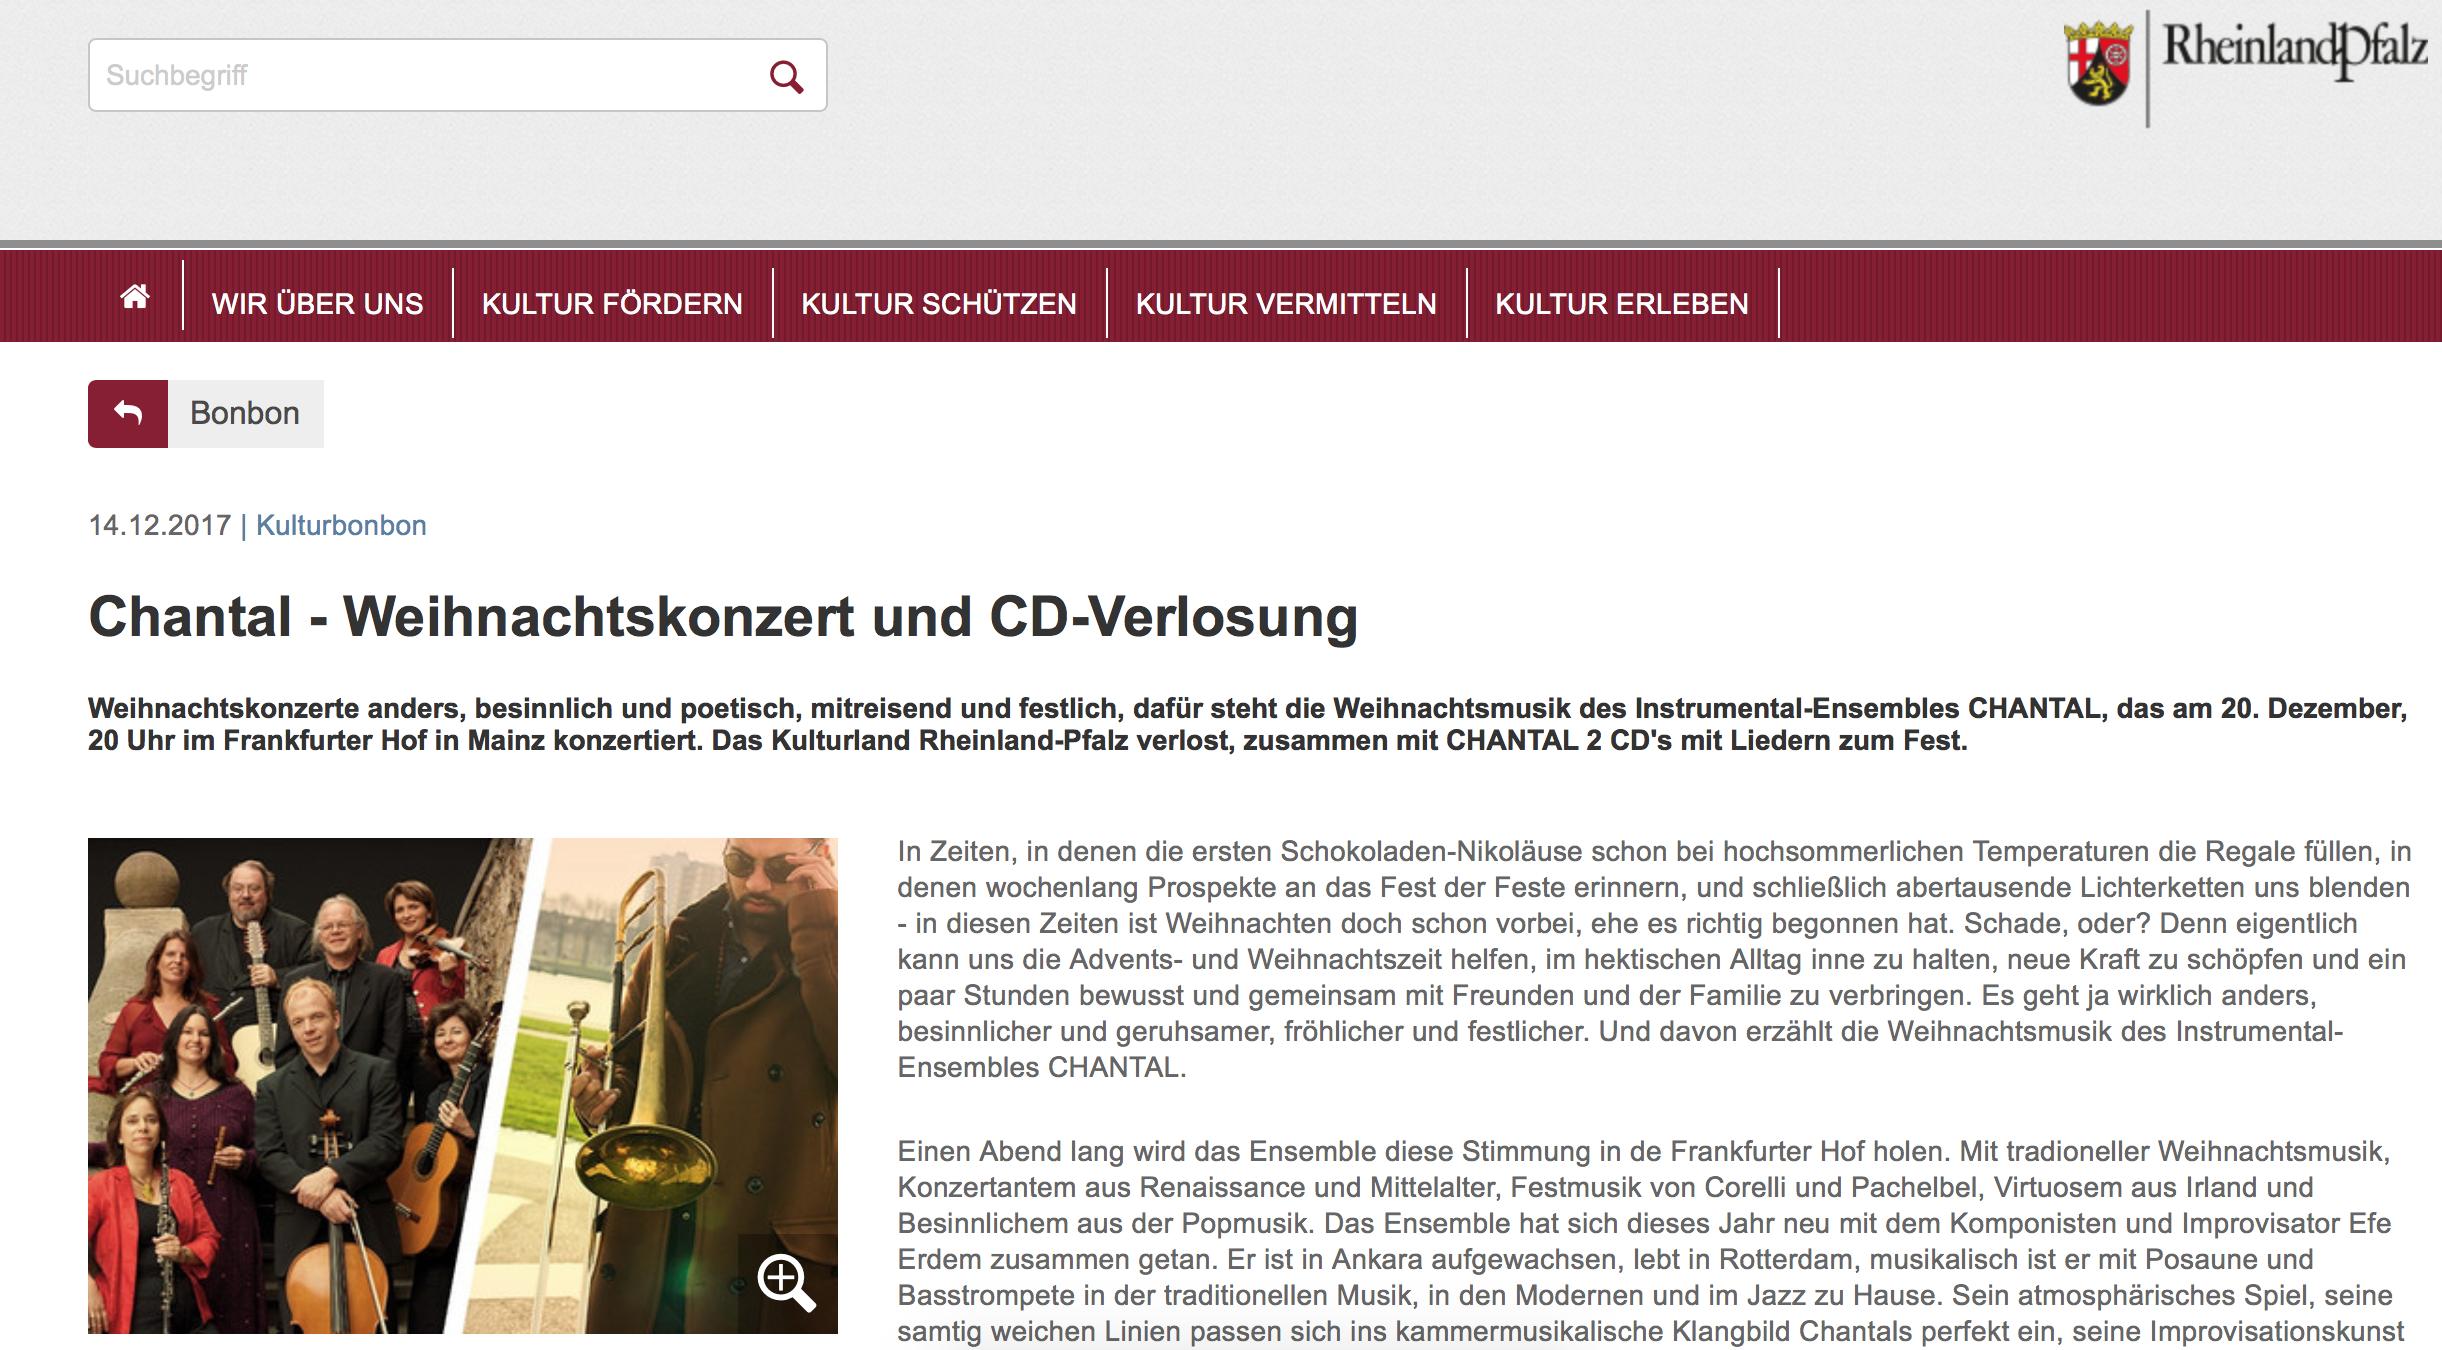 Kulturseite Rheinland-Pfalz